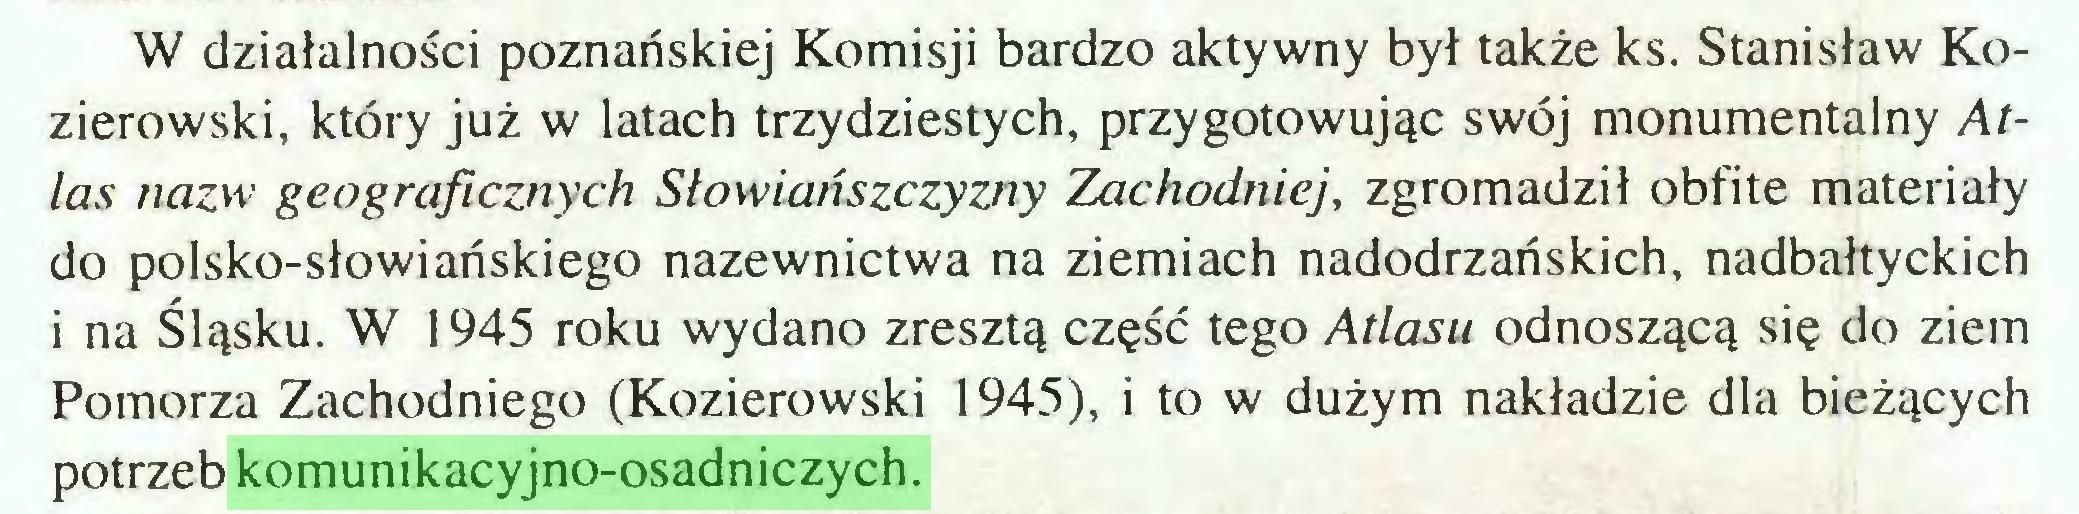 (...) W działalności poznańskiej Komisji bardzo aktywny był także ks. Stanisław Kozierowski, który już w latach trzydziestych, przygotowując swój monumentalny Atlas nazw geograficznych Słowiańszczyzny Zachodniej, zgromadził obfite materiały do polsko-słowiańskiego nazewnictwa na ziemiach nadodrzańskich, nadbałtyckich i na Śląsku. W 1945 roku wydano zresztą część tego Atlasu odnoszącą się do ziem Pomorza Zachodniego (Kozierowski 1945), i to w dużym nakładzie dla bieżących potrzeb komunikacyjno-osadniczych...